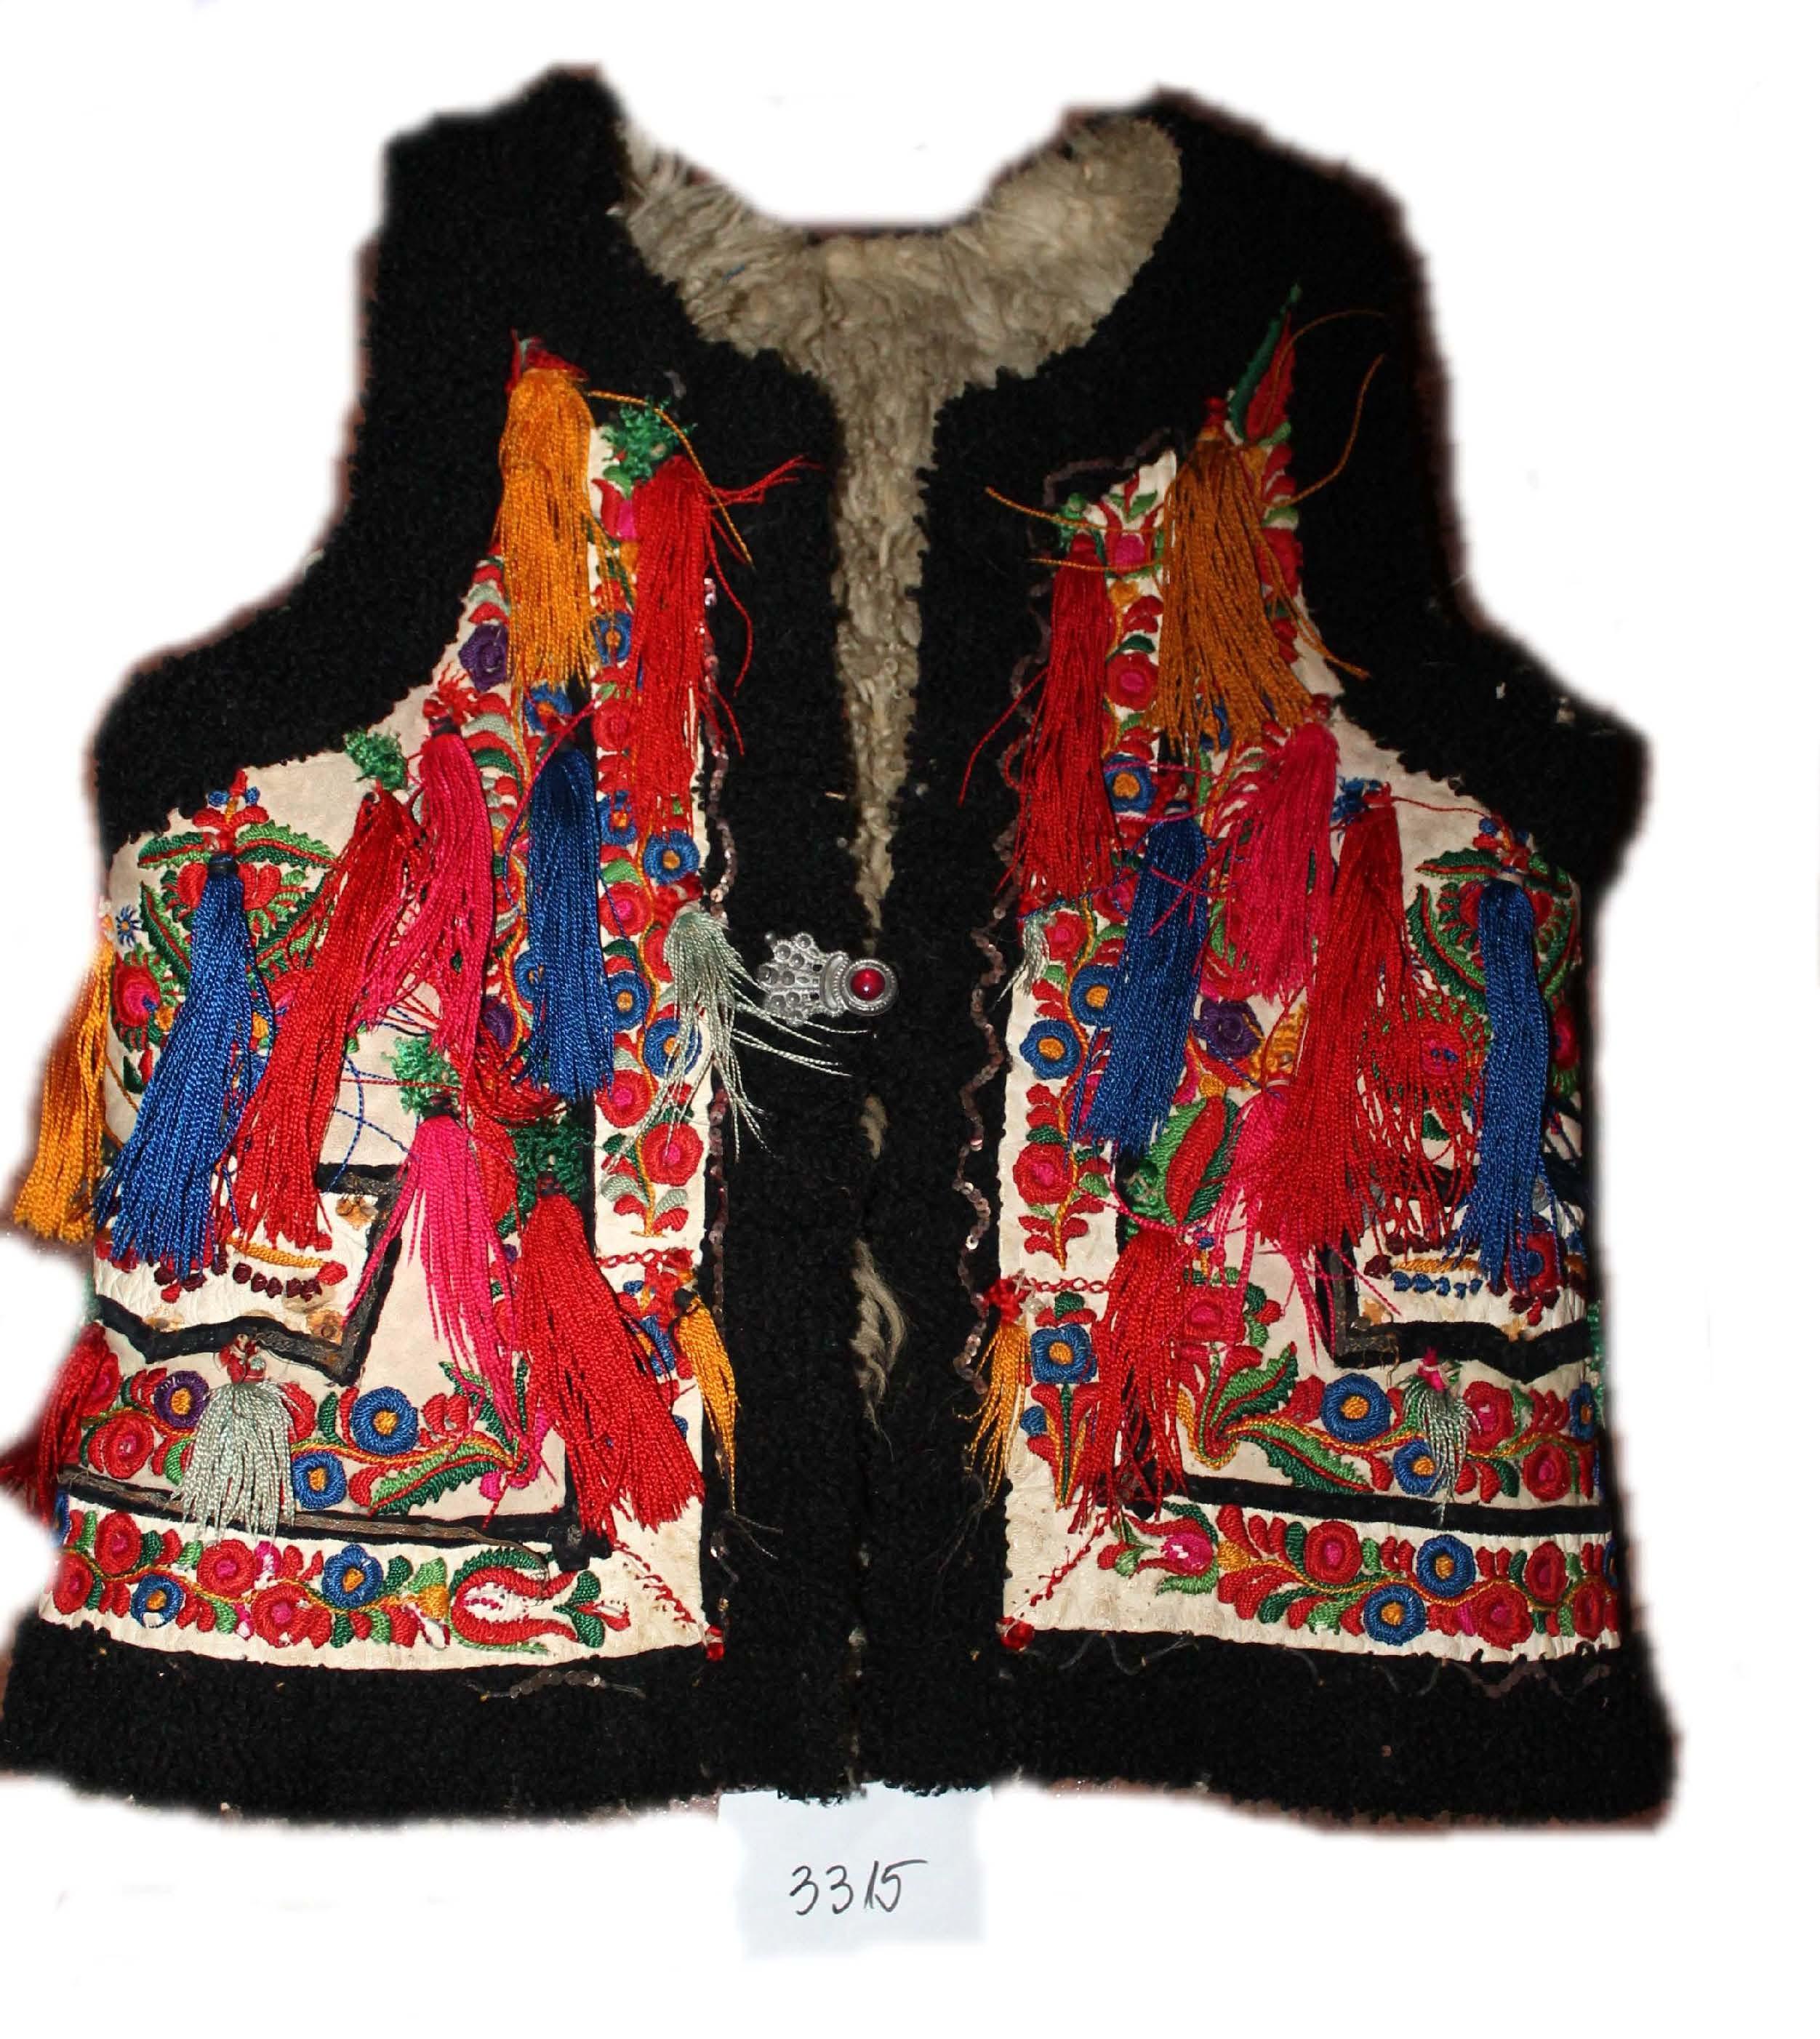 Pieptar femeiescPieptar - Complexul Muzeal Bistriţa-Năsăud - BISTRIŢA (Patrimoniul Cultural National Mobil din Romania. Ordin de clasare: 4009/12.12.2016 - Fond)